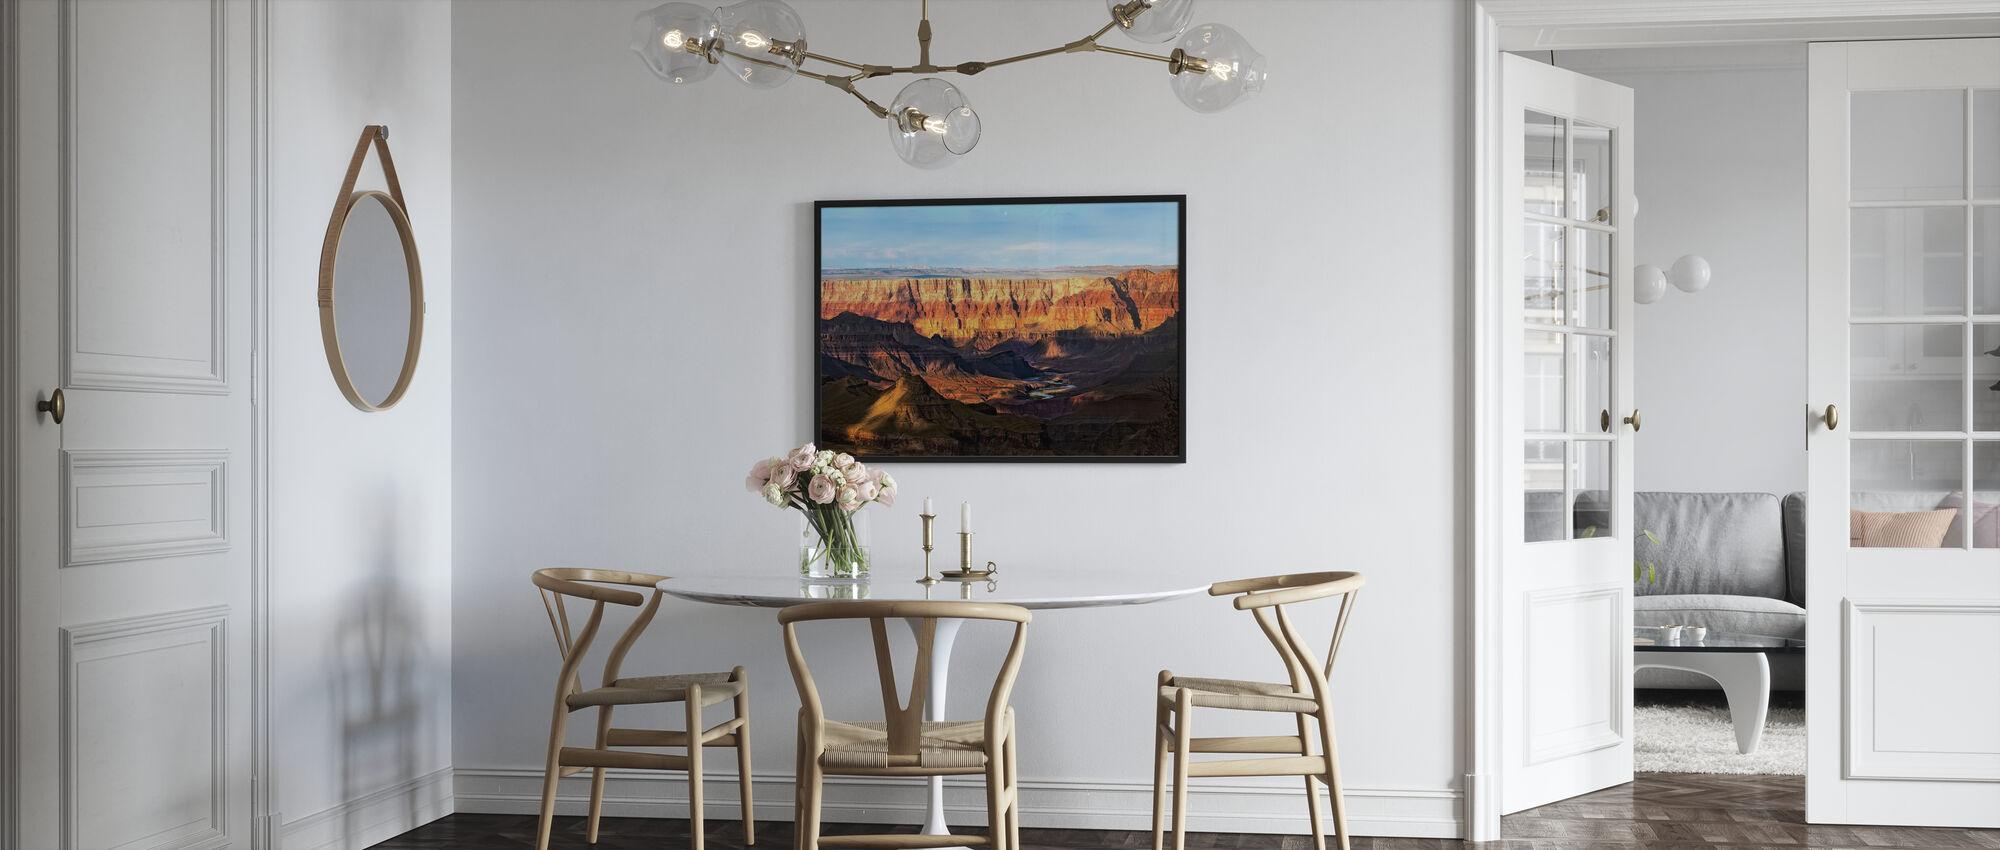 Canyon View - Poster - Kitchen